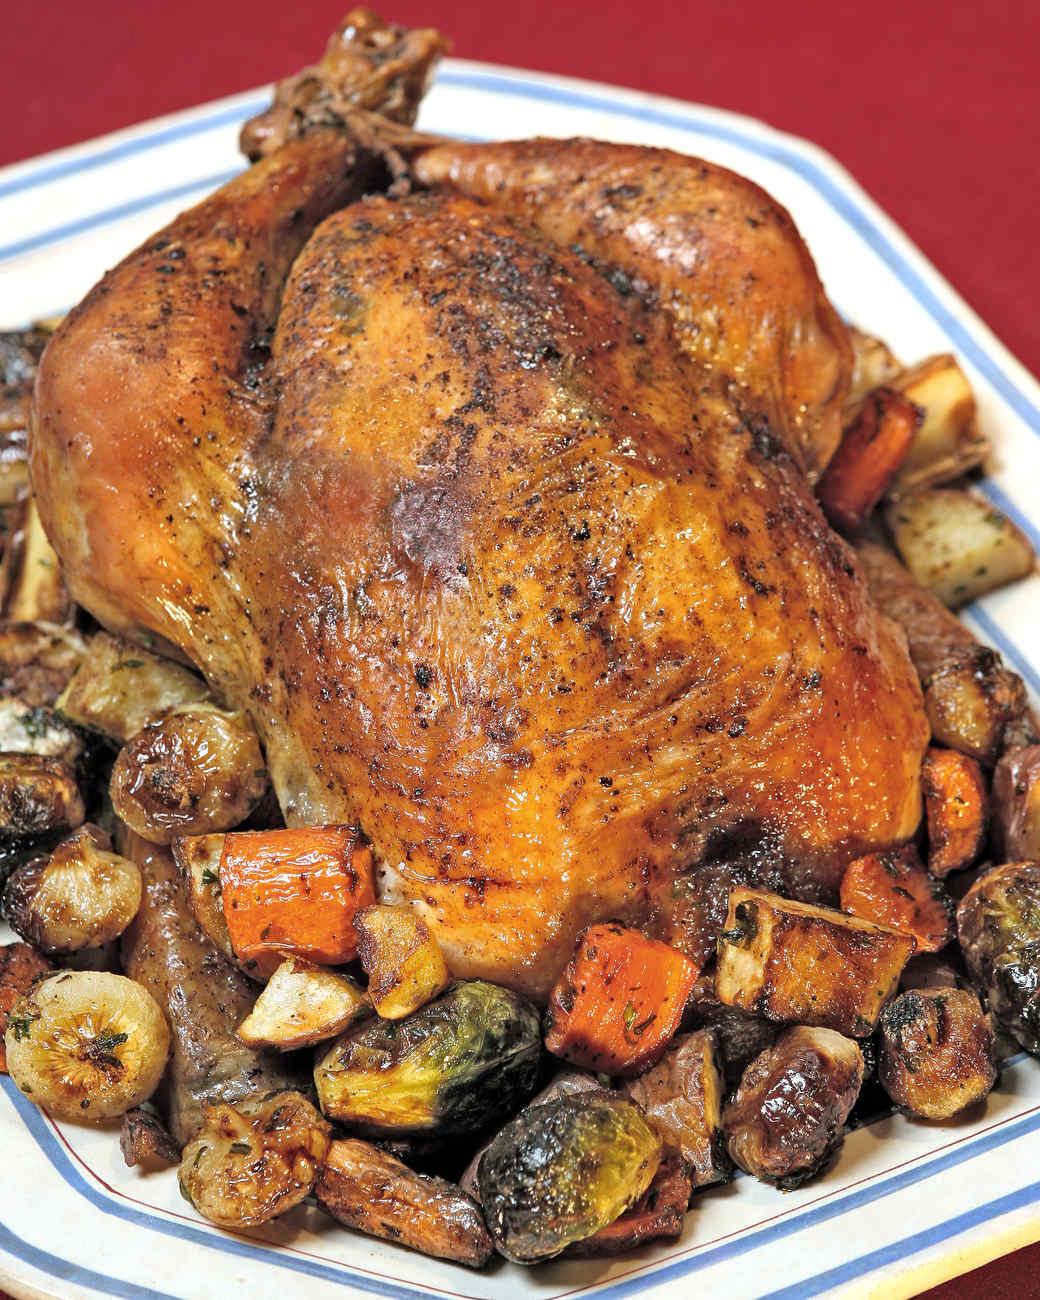 1117_recipe_roastchicken.jpg